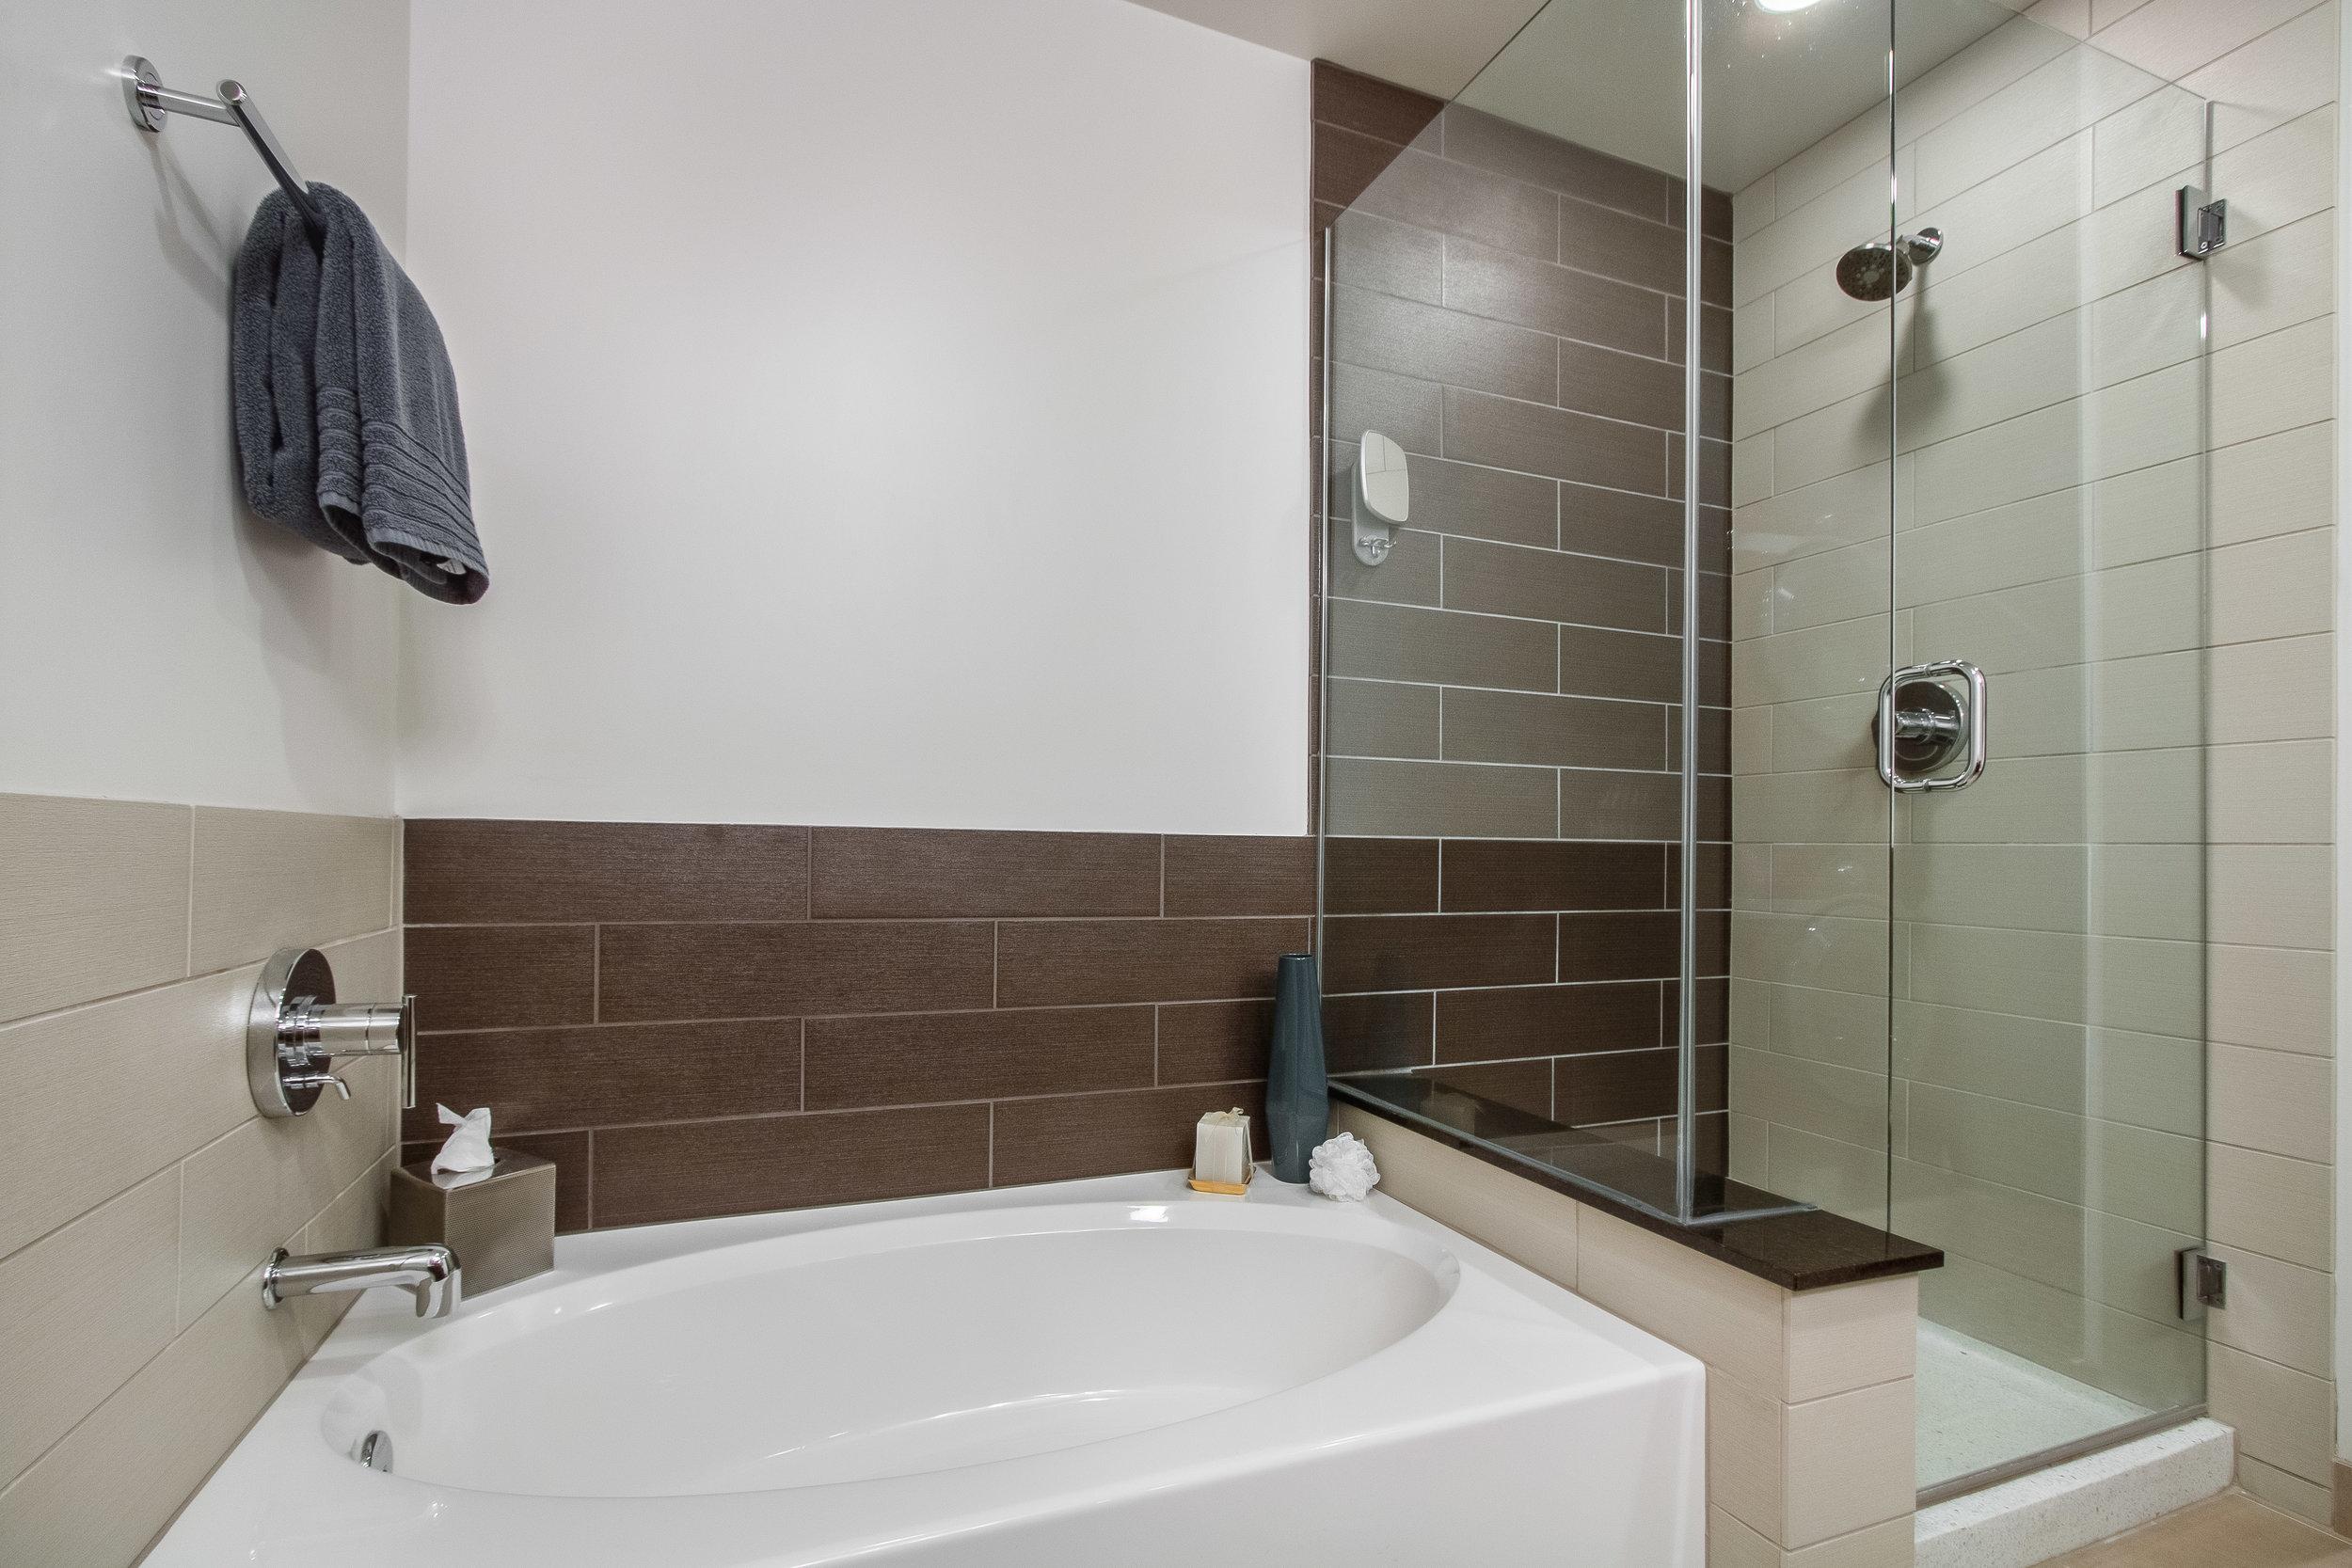 Spire 1810 Master Bath and Shower .jpg